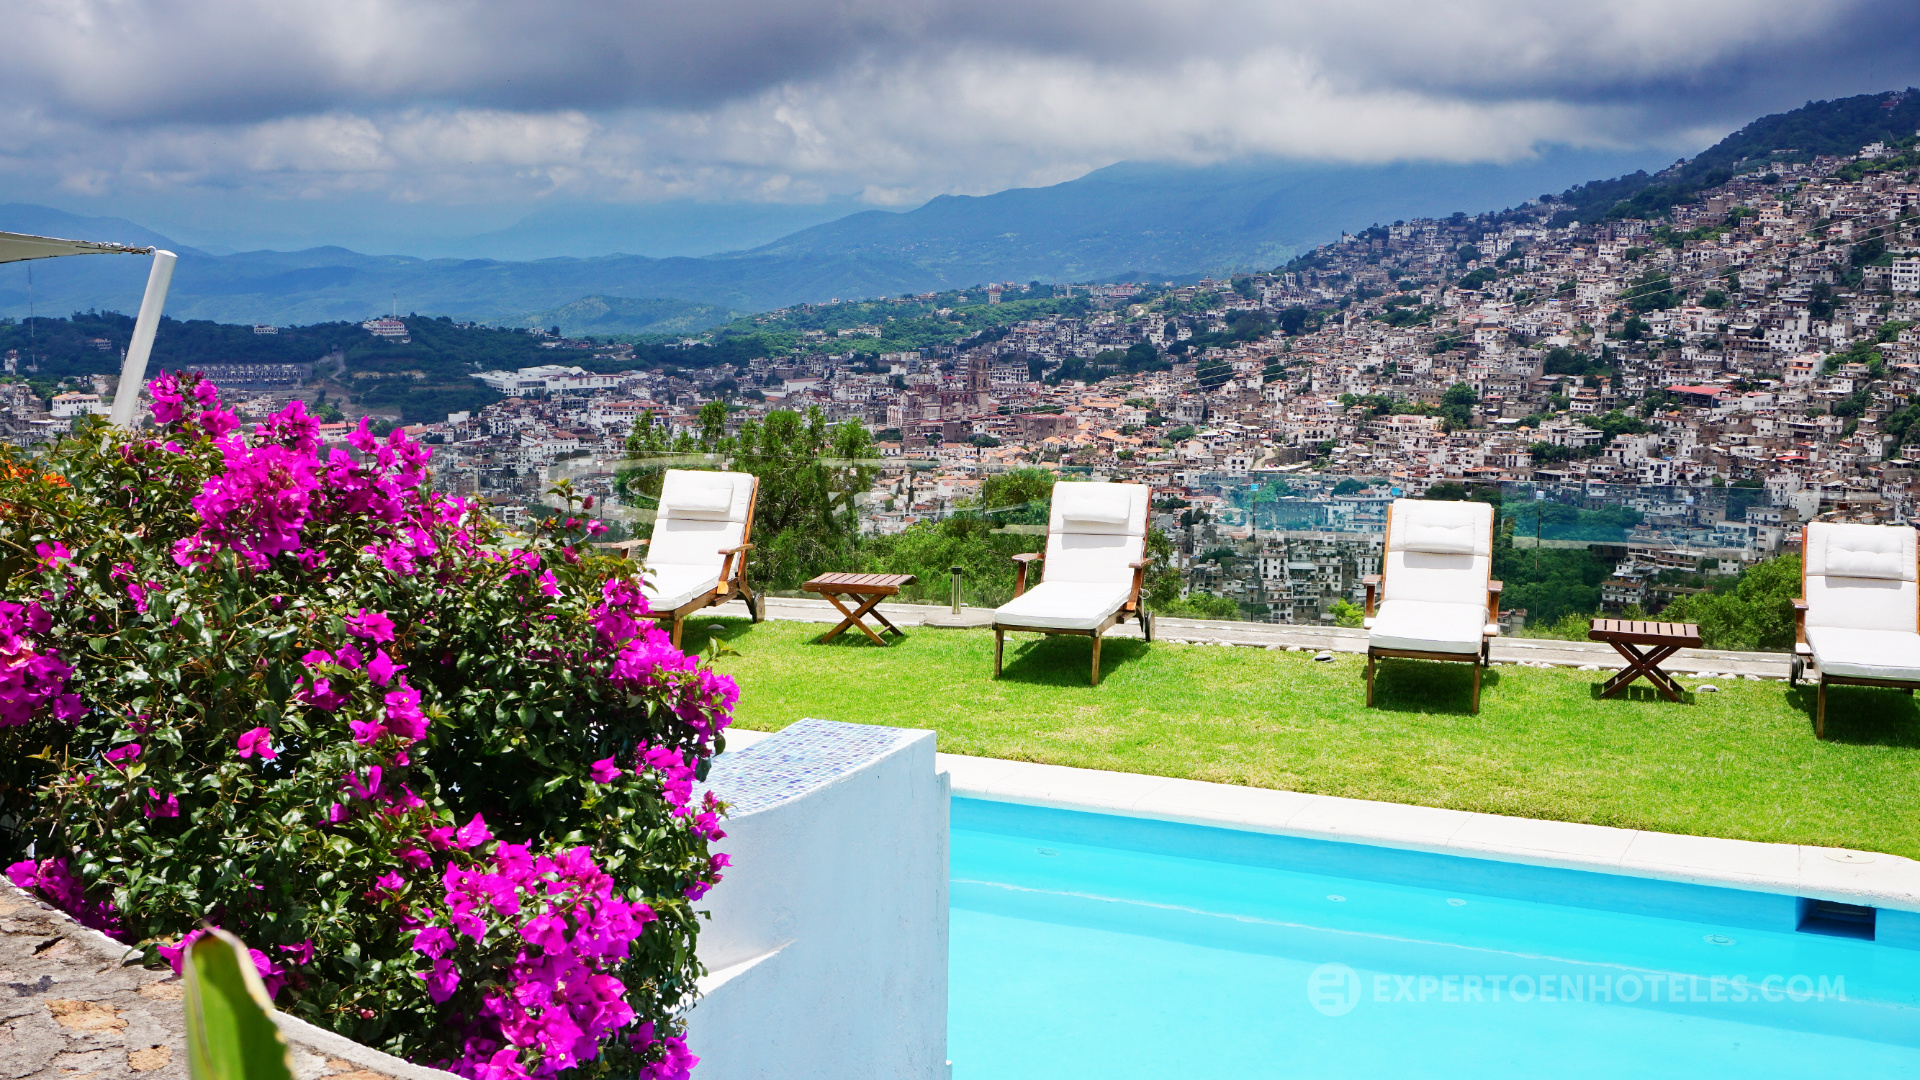 Cr Tica De Cantera Y Plata El Hotel Boutique Que Brilla En Lo  # Muebles En Taxco Guerrero